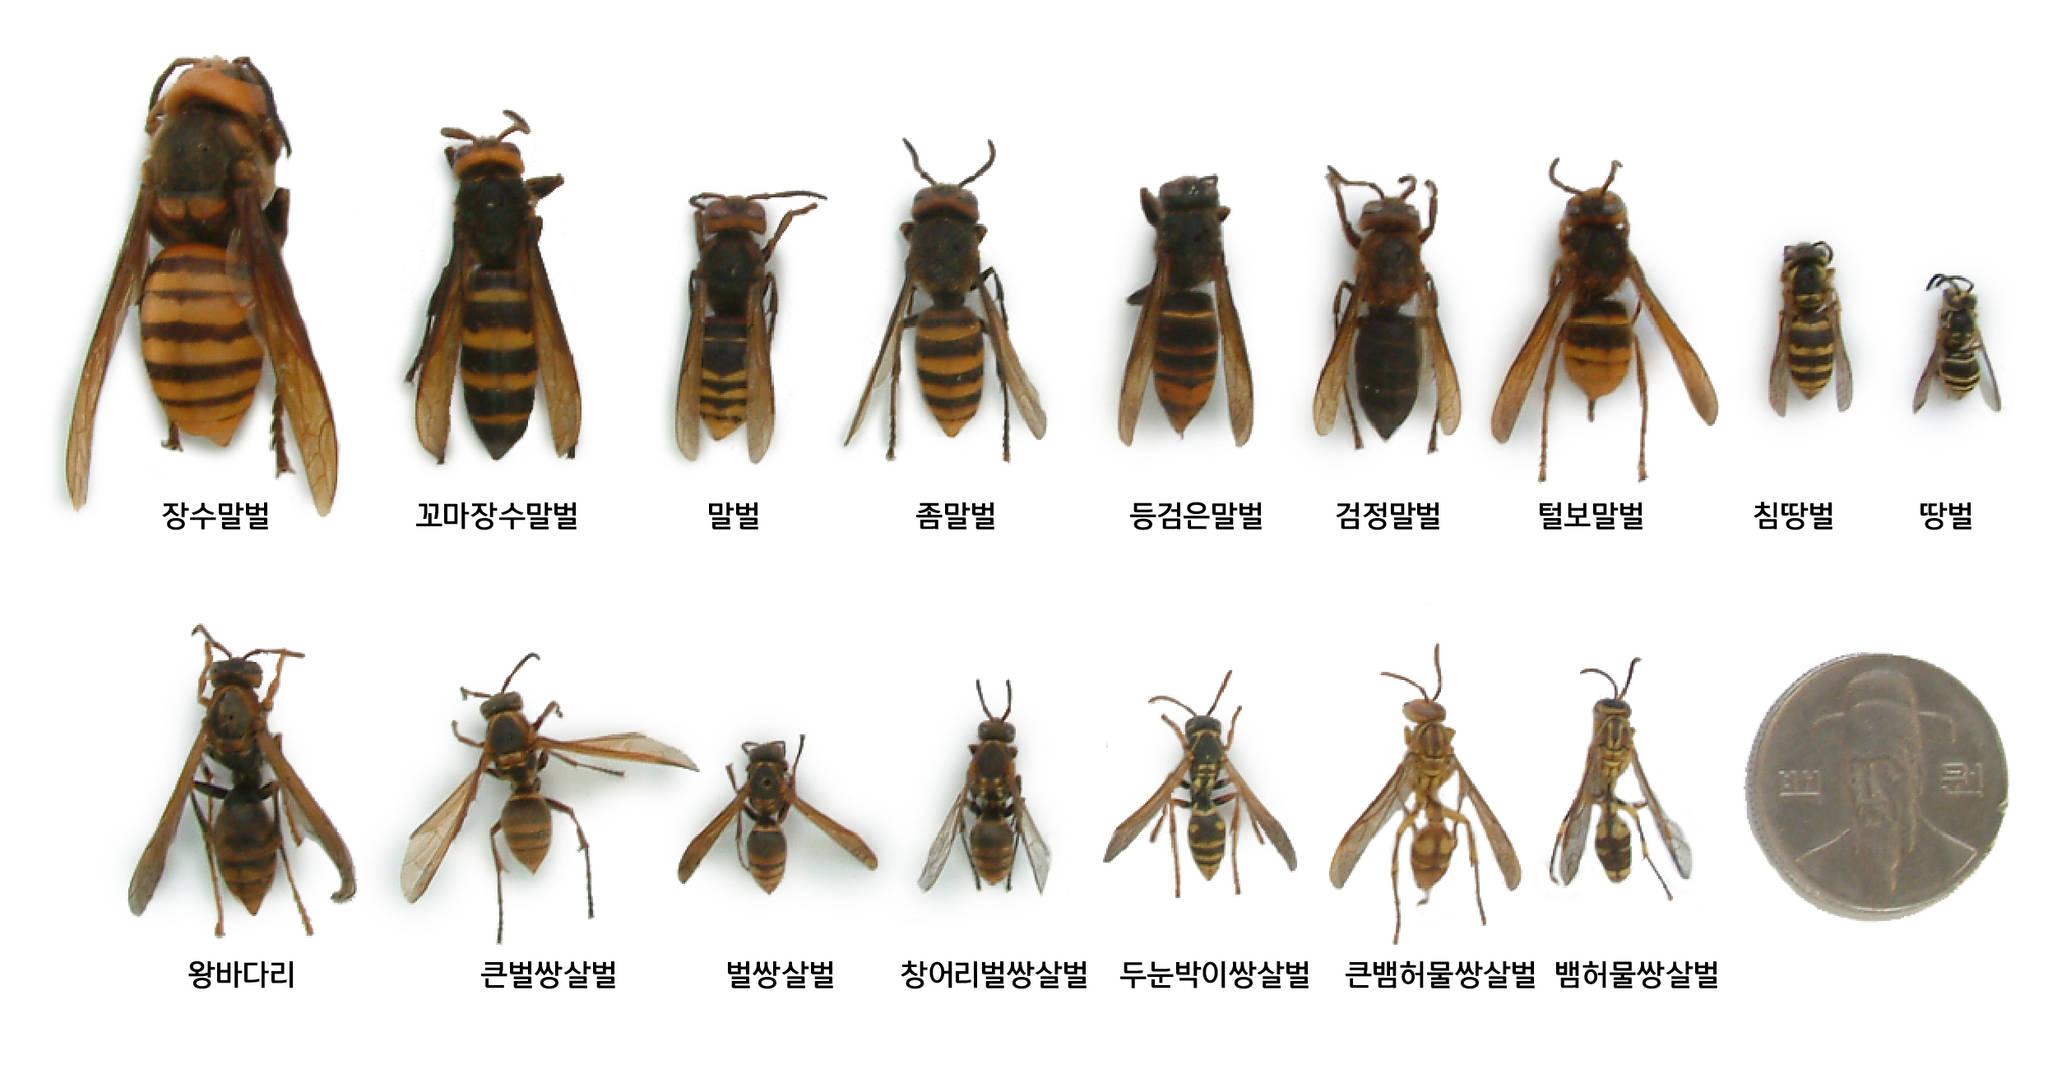 장수말벌(윗줄 맨 왼쪽)은 다른 꿀벌이나 말벌보다 큰 종류다. [사진 국립공원관리공단}